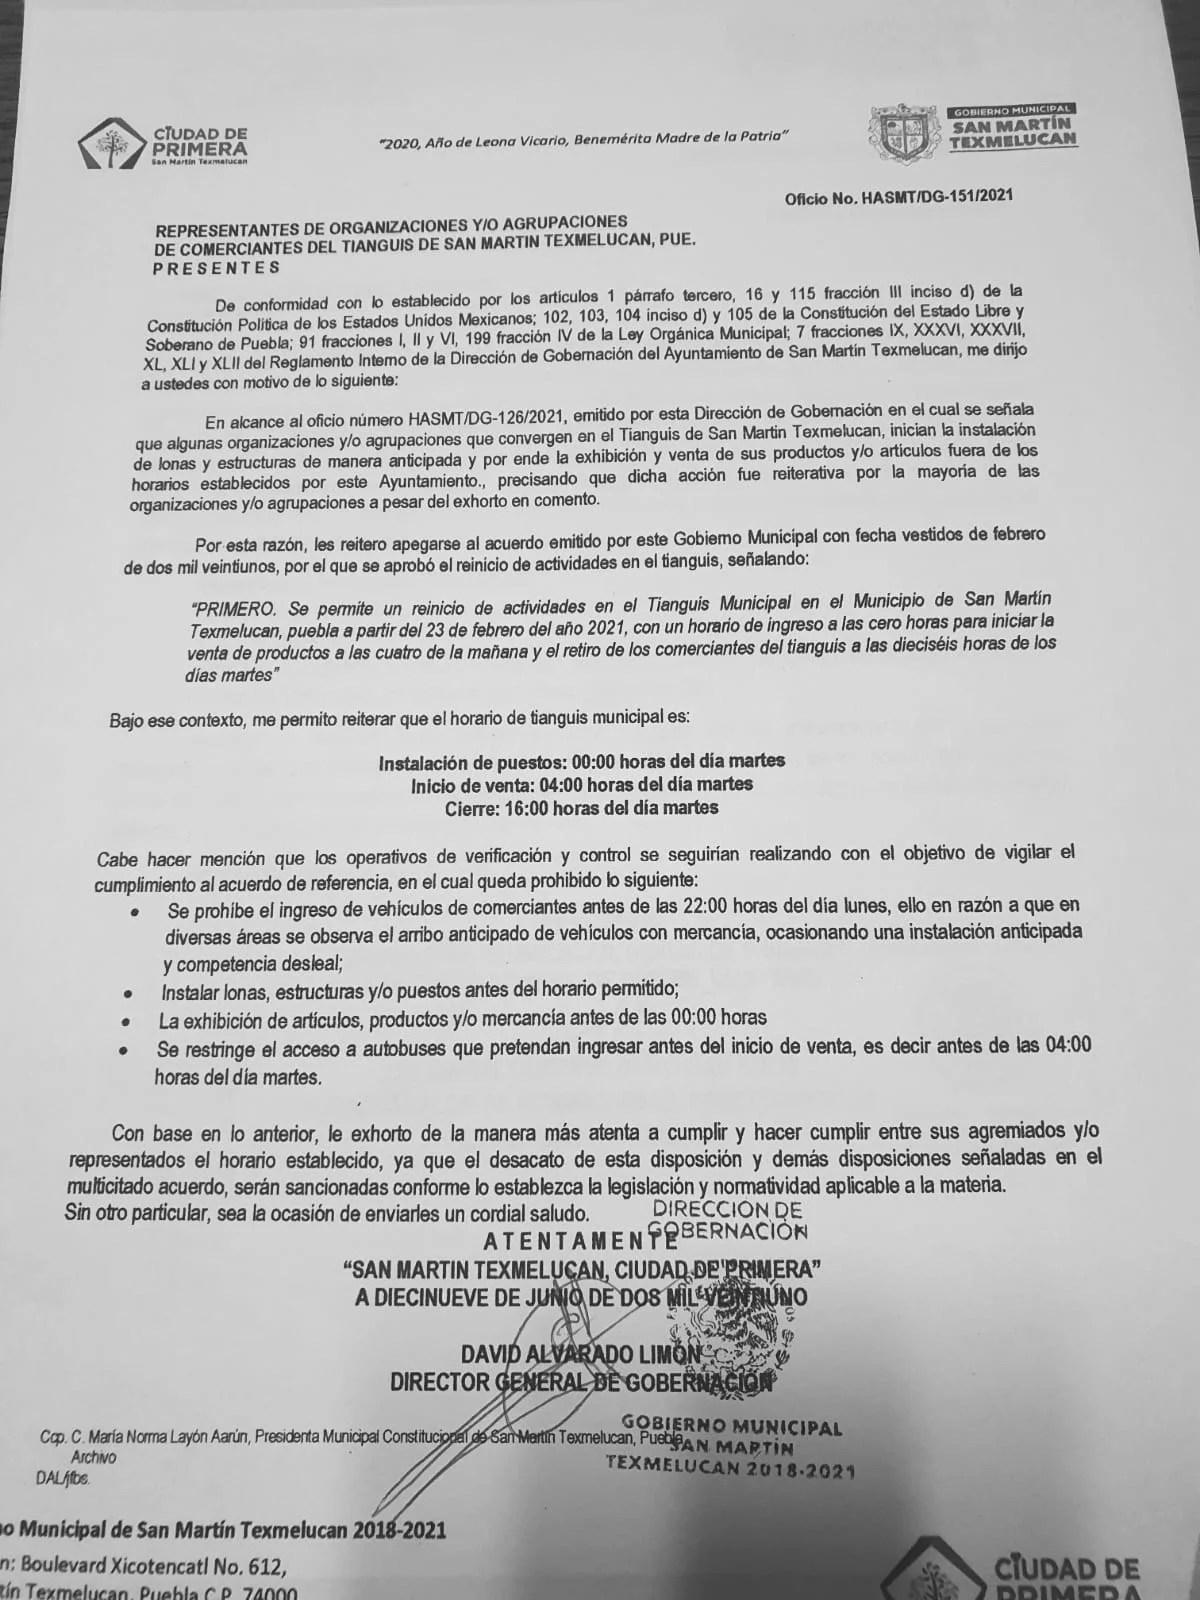 acuerdos para la instalación y operación de del tianguis de Texmelucan a partir de 23 de febrero